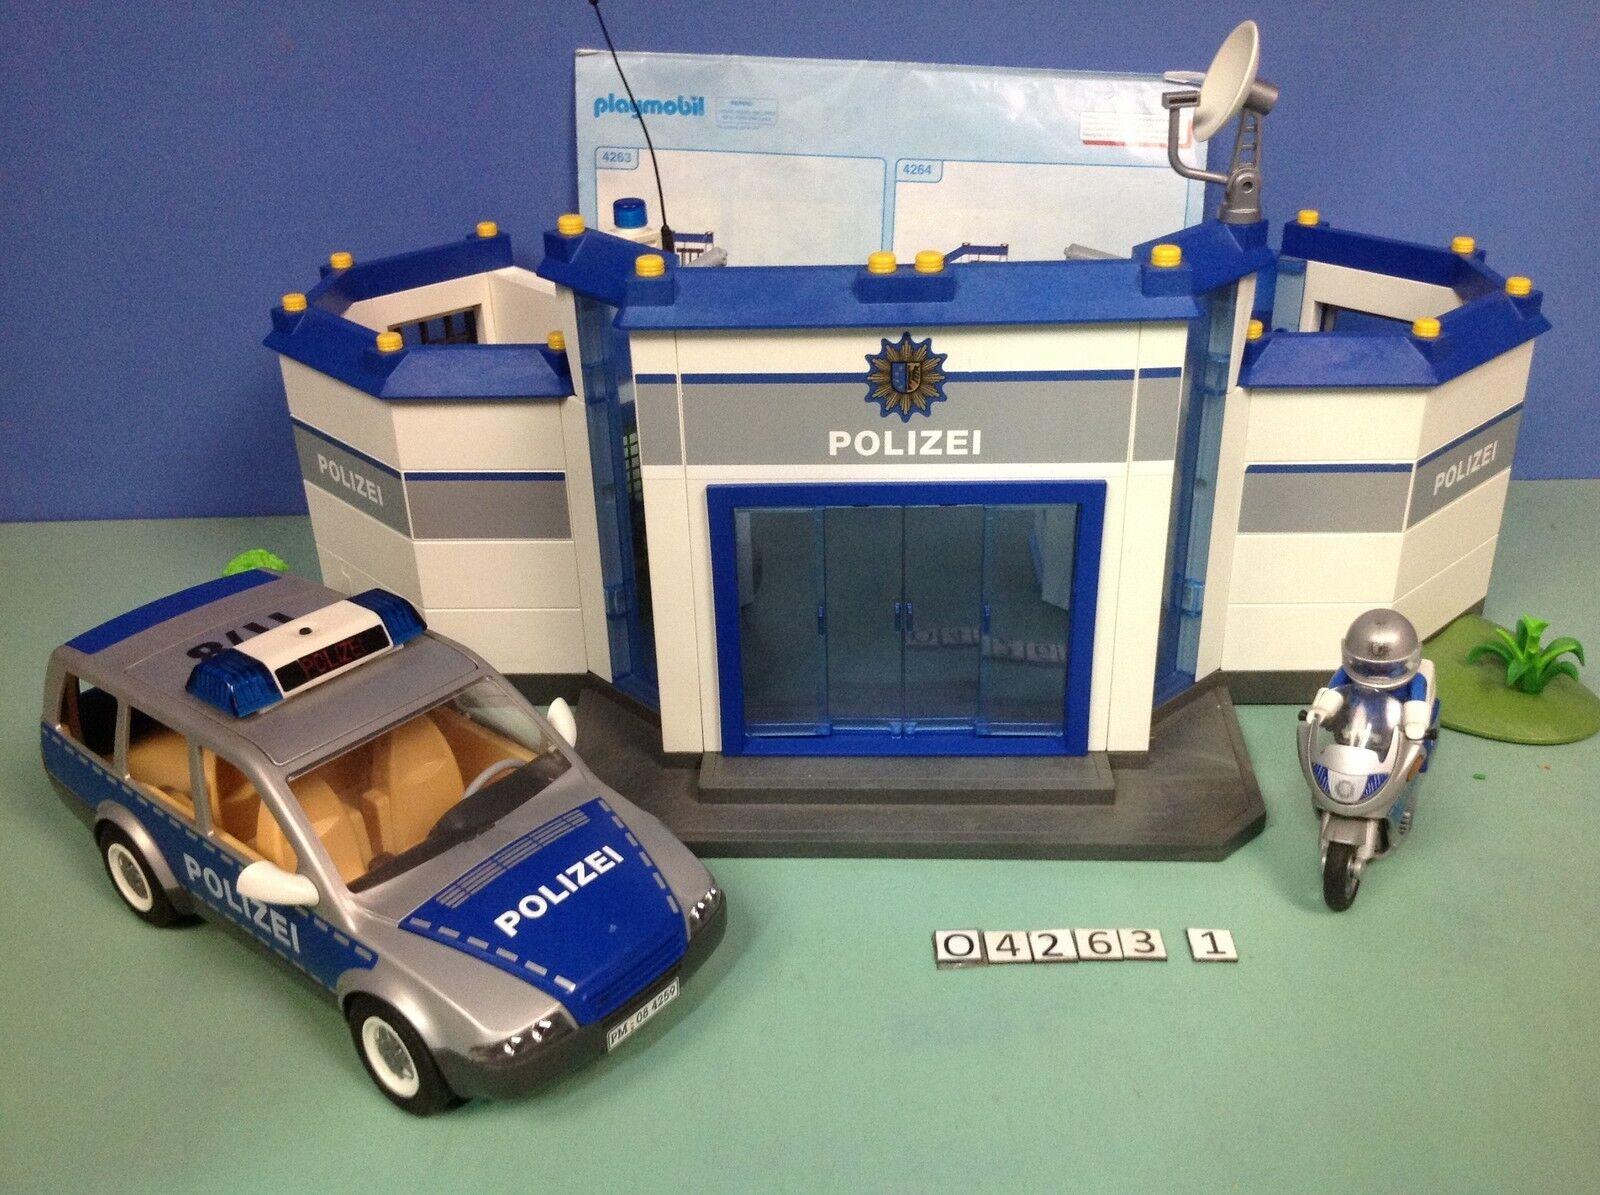 (O4263.1) playmobil Caserne polizei + moto + voiture voiture voiture ref 4263 6d9499